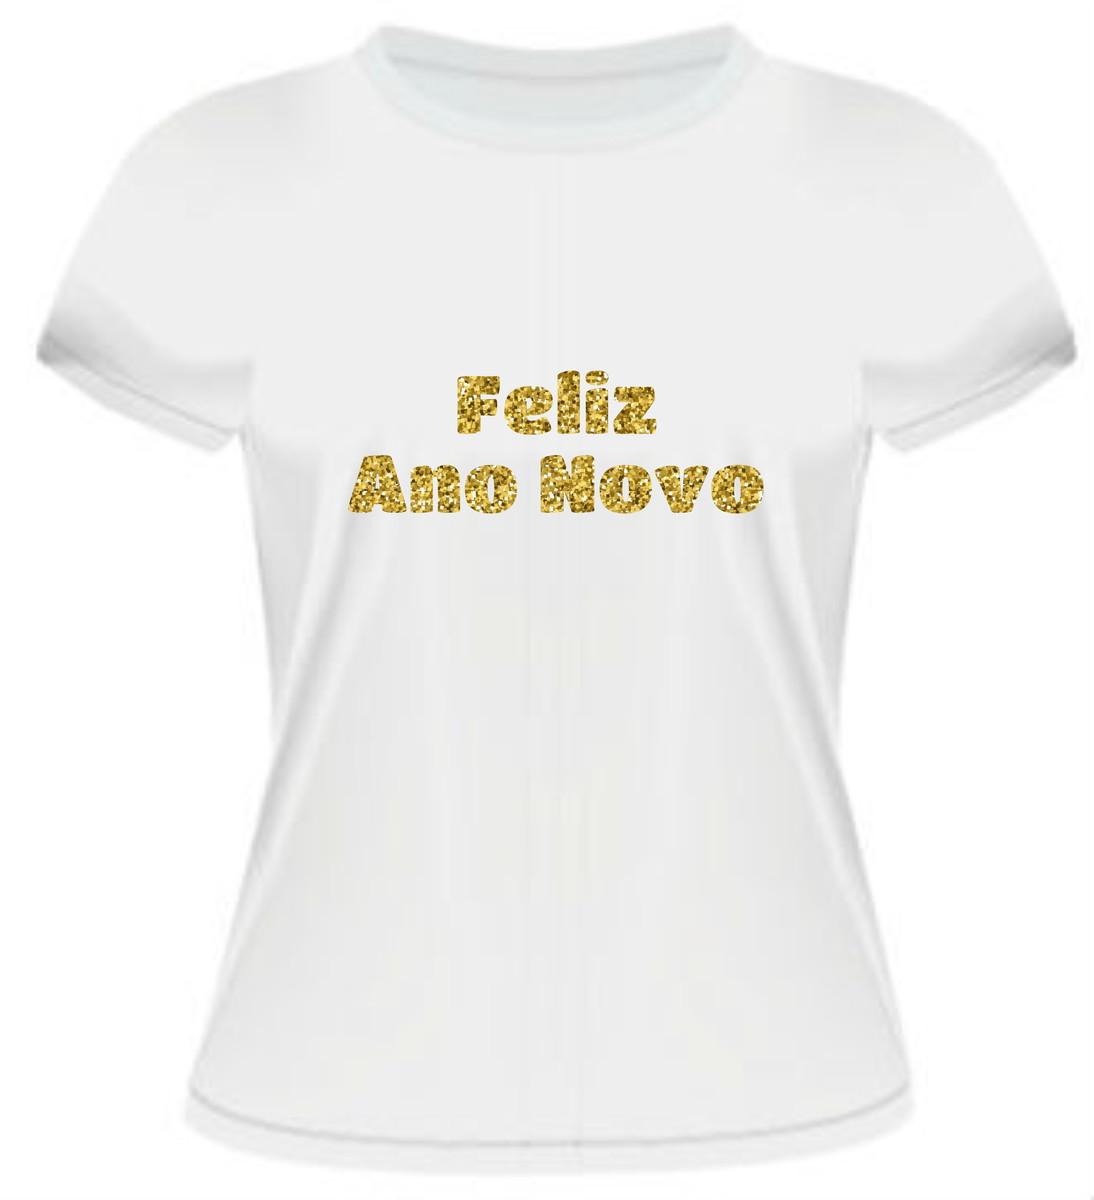 f4918ed1de Zoom · Camiseta Ano Novo Dourado